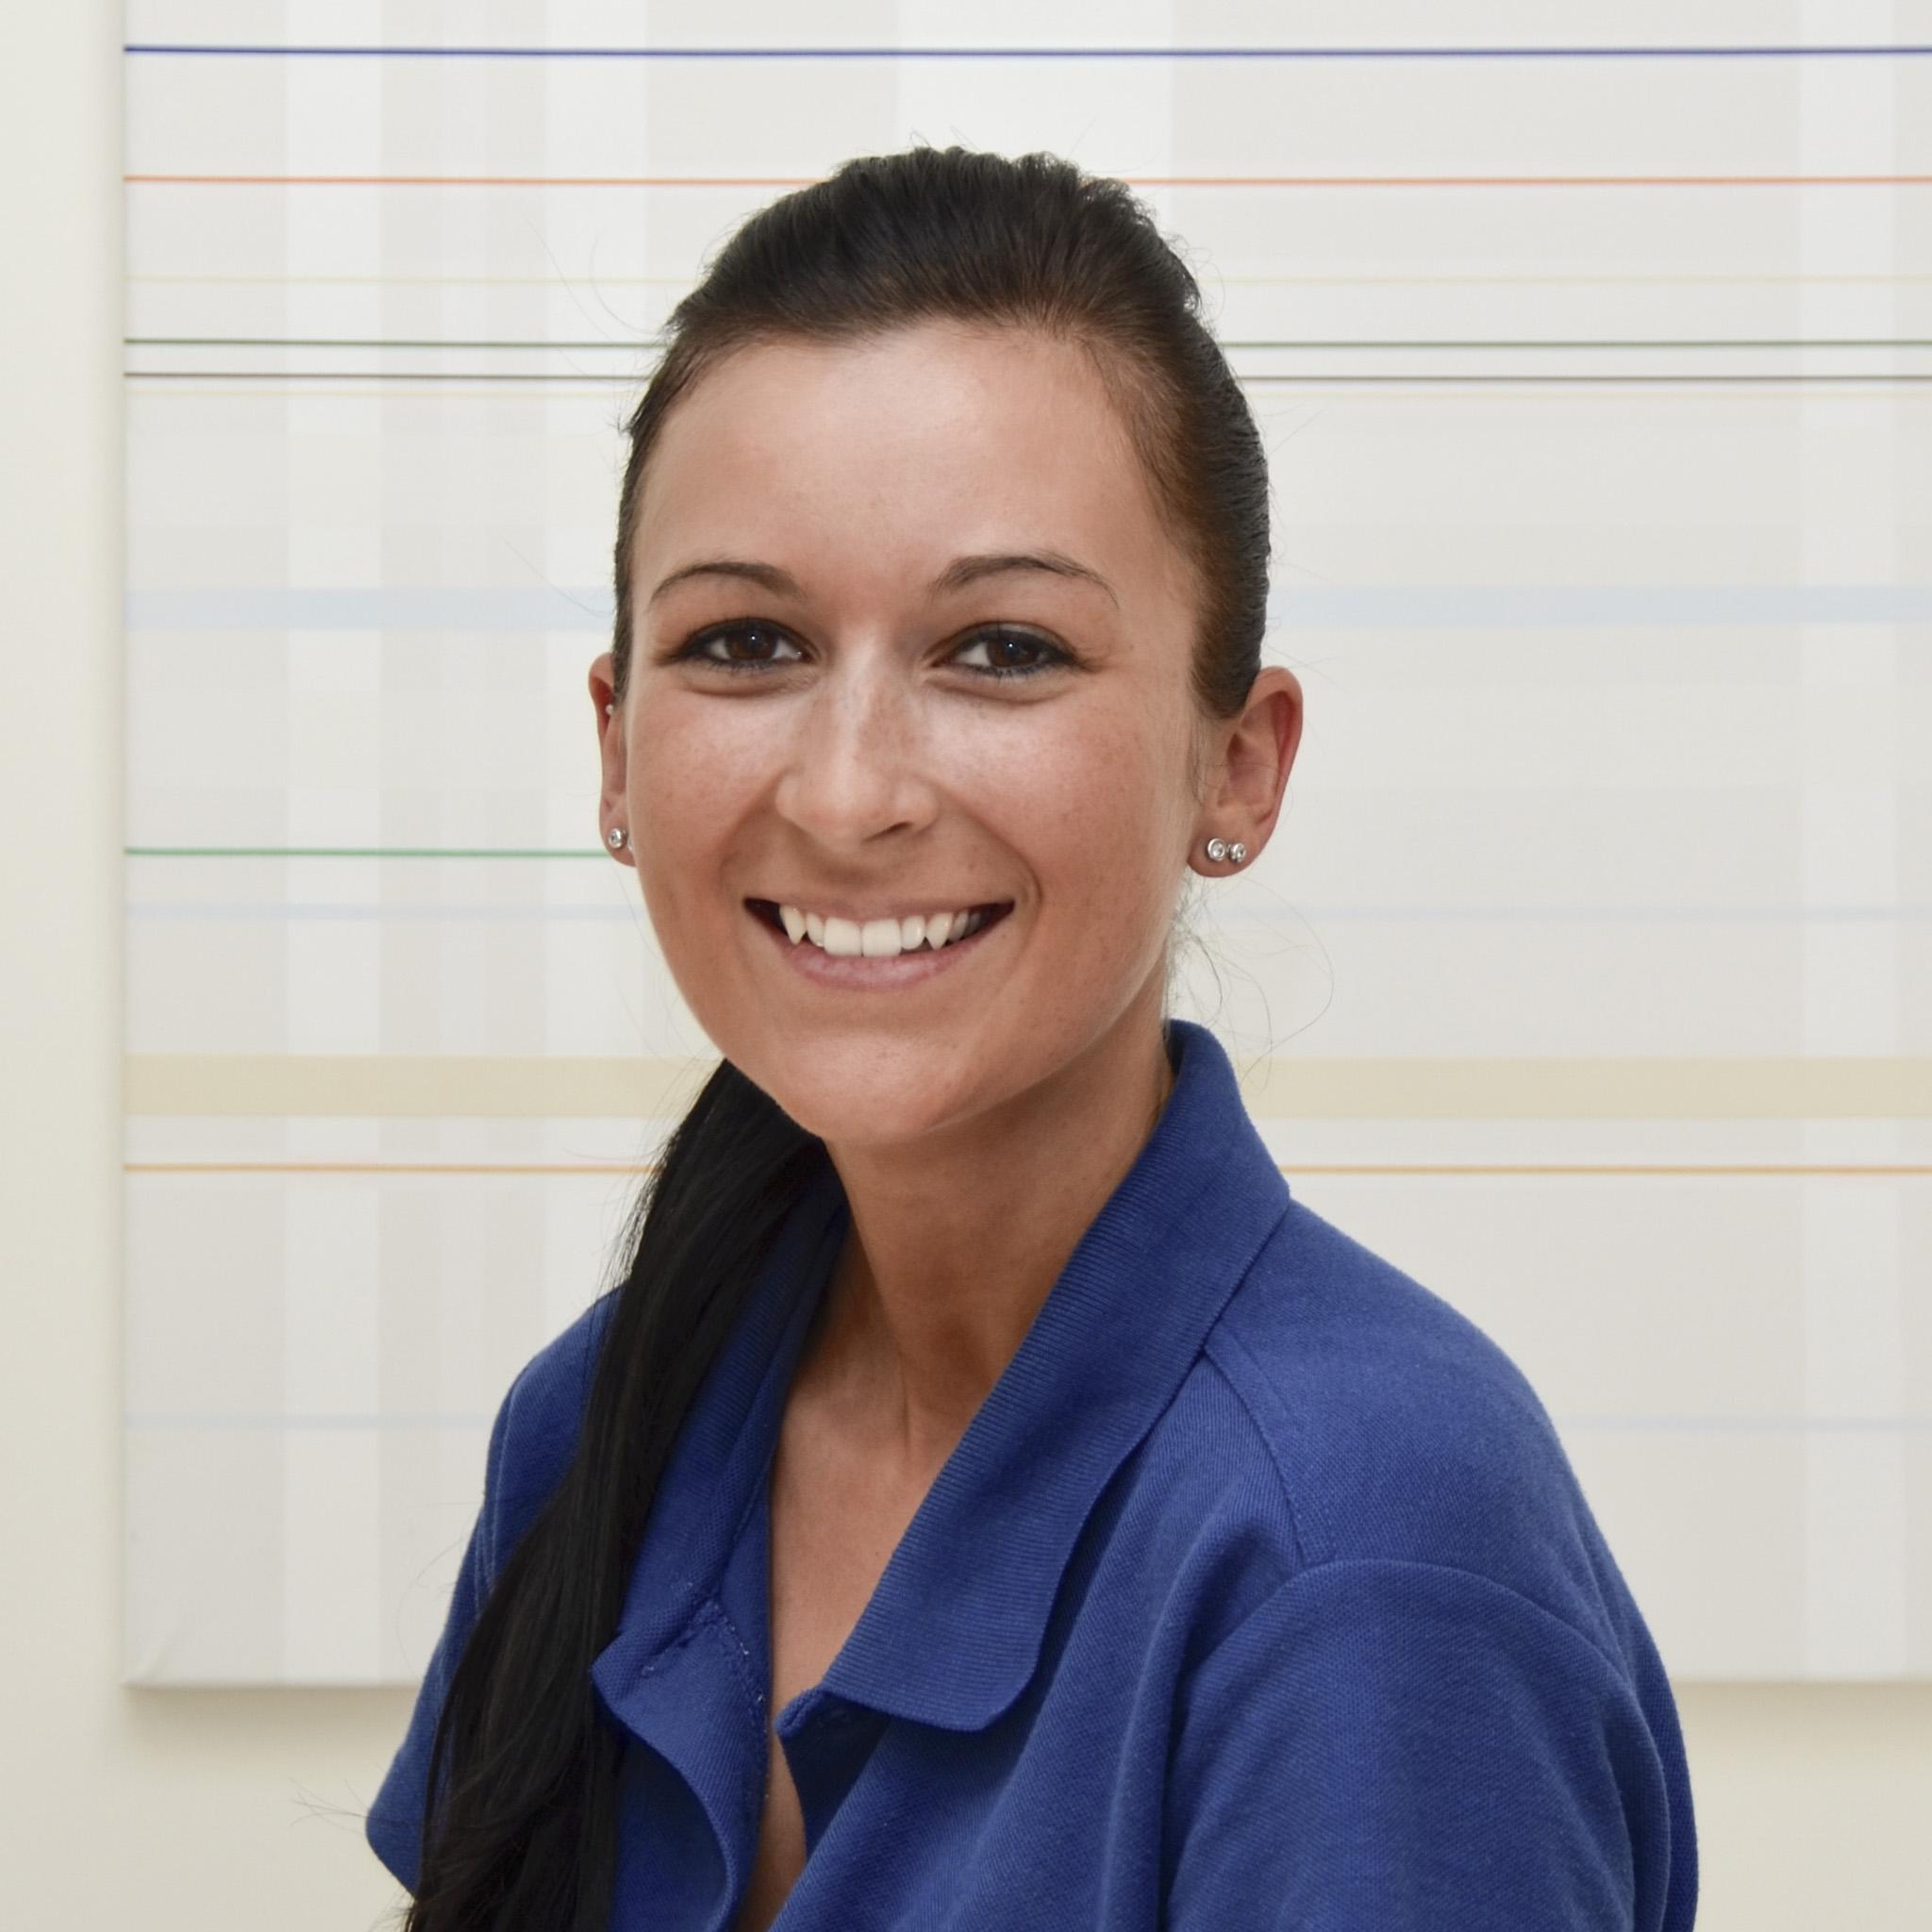 Jessica Eicher